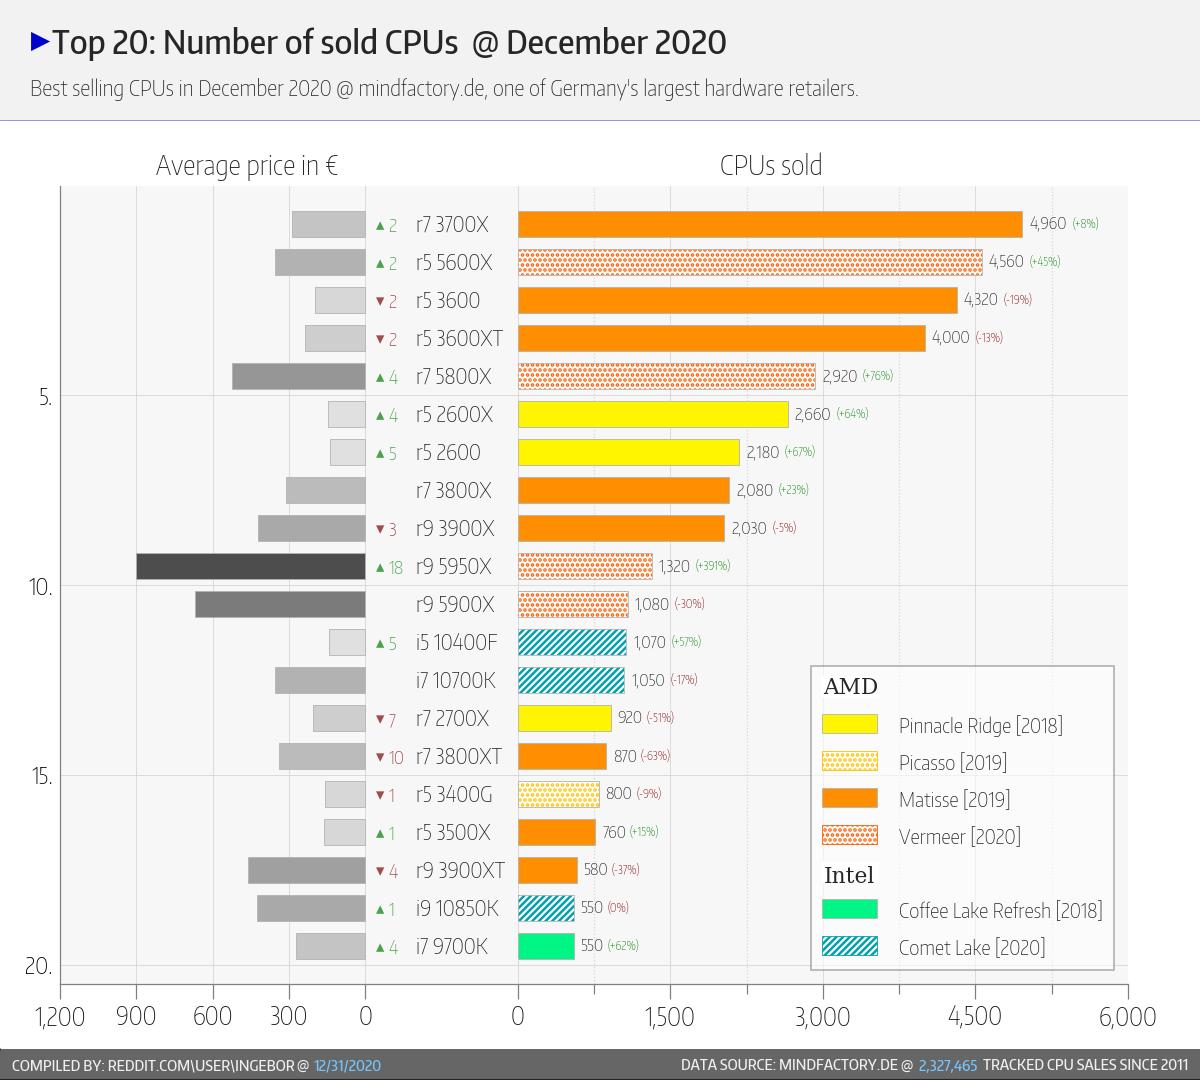 amd-ryzen-5000-zen-3-ryzen-3000-zen-2-desktop-cpu-sales-vs-intel-10th-gen-9th-gen-core-cpus-_-december-2020-_6